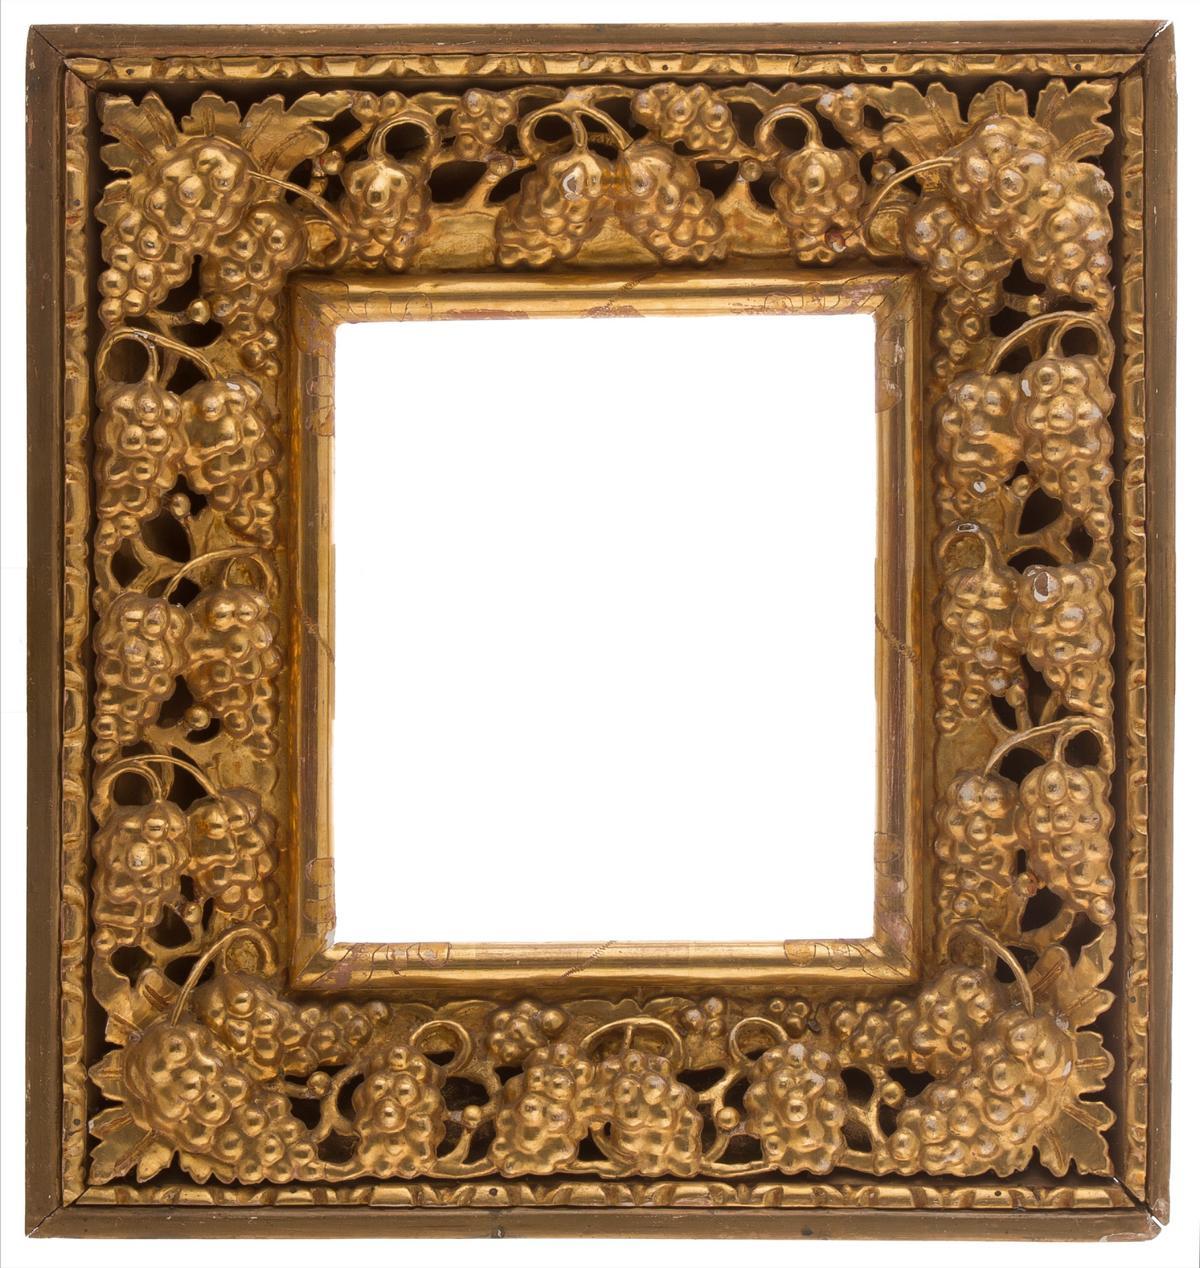 Einladung zur Einlieferung // 12. Auktion antiker Rahmen